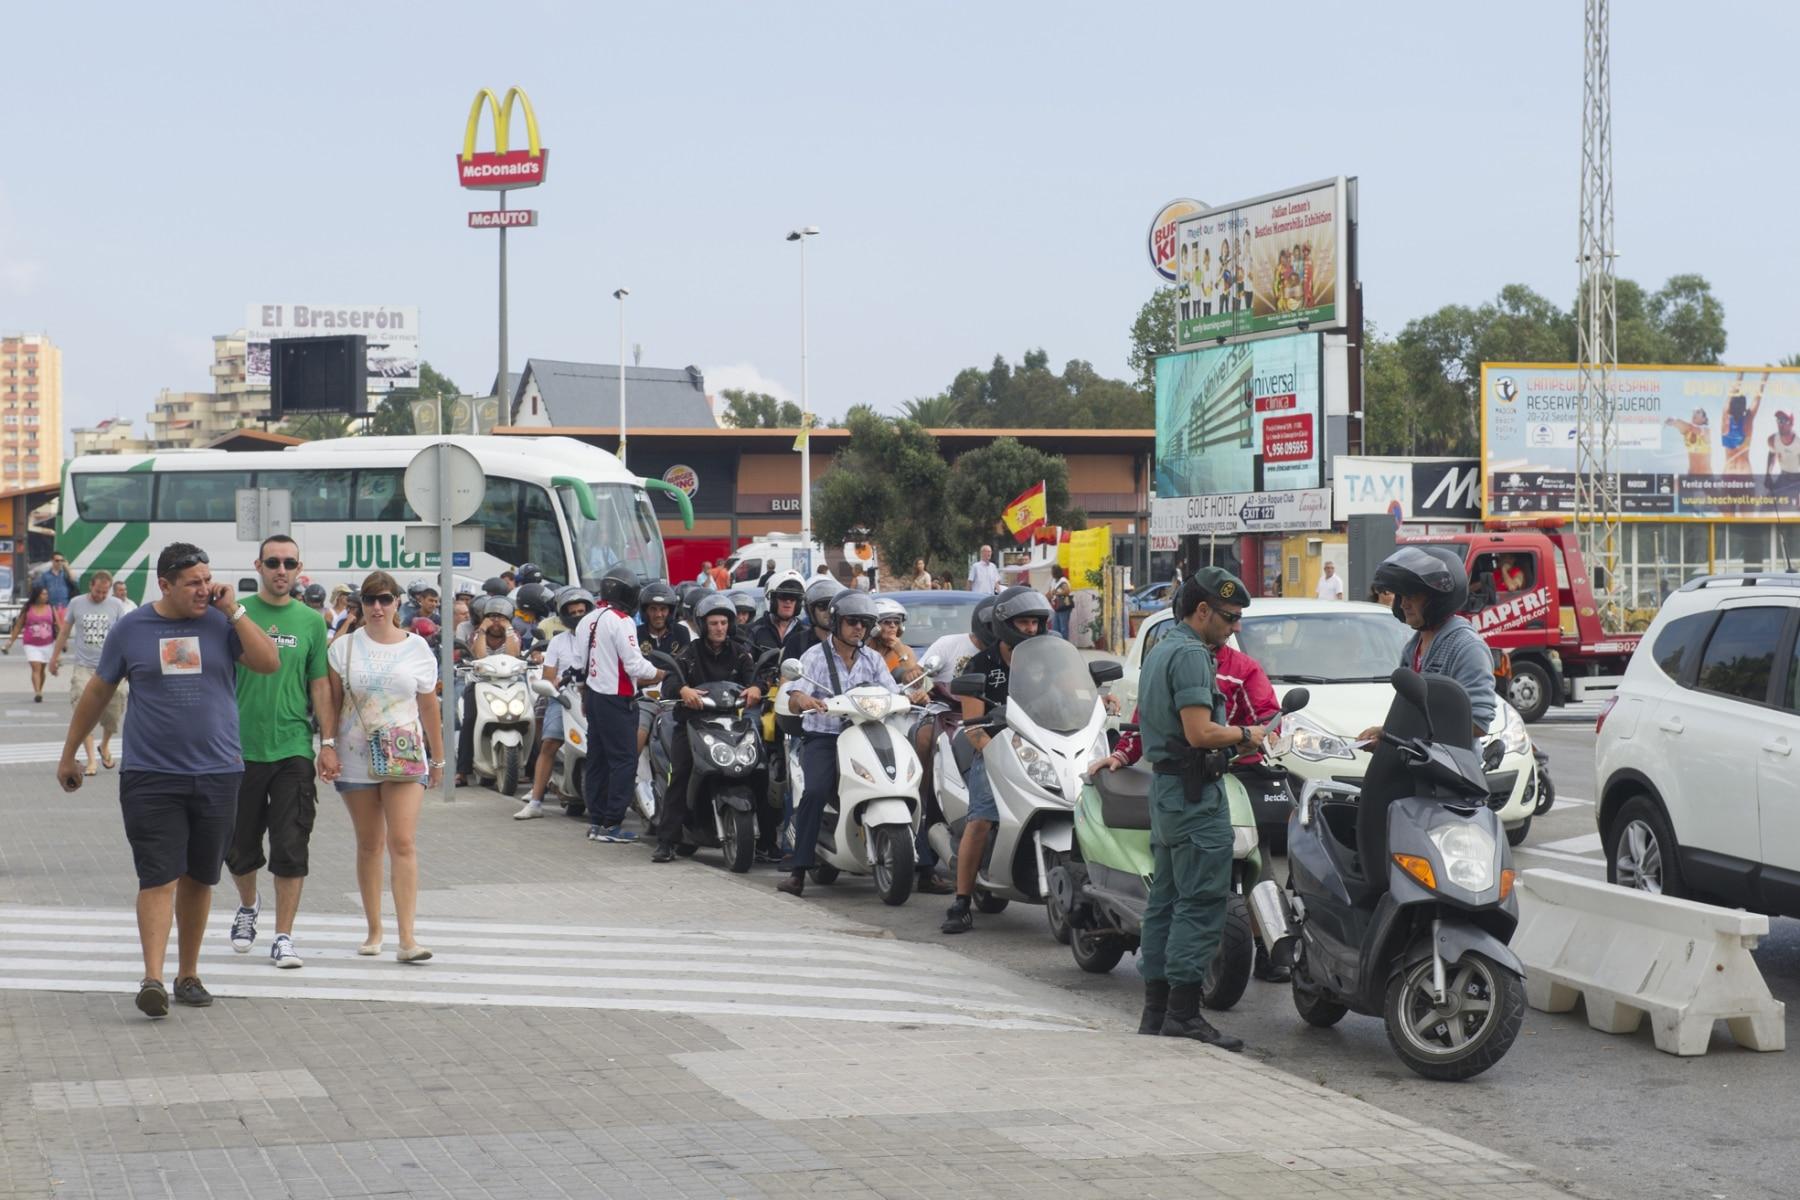 La Línea de la Concepción, 25 septiembre 2013. Cola de entrada en la frontera de Gibraltar. Un GRS pidiendo la documentación a un motorista. MARCOS MORENO